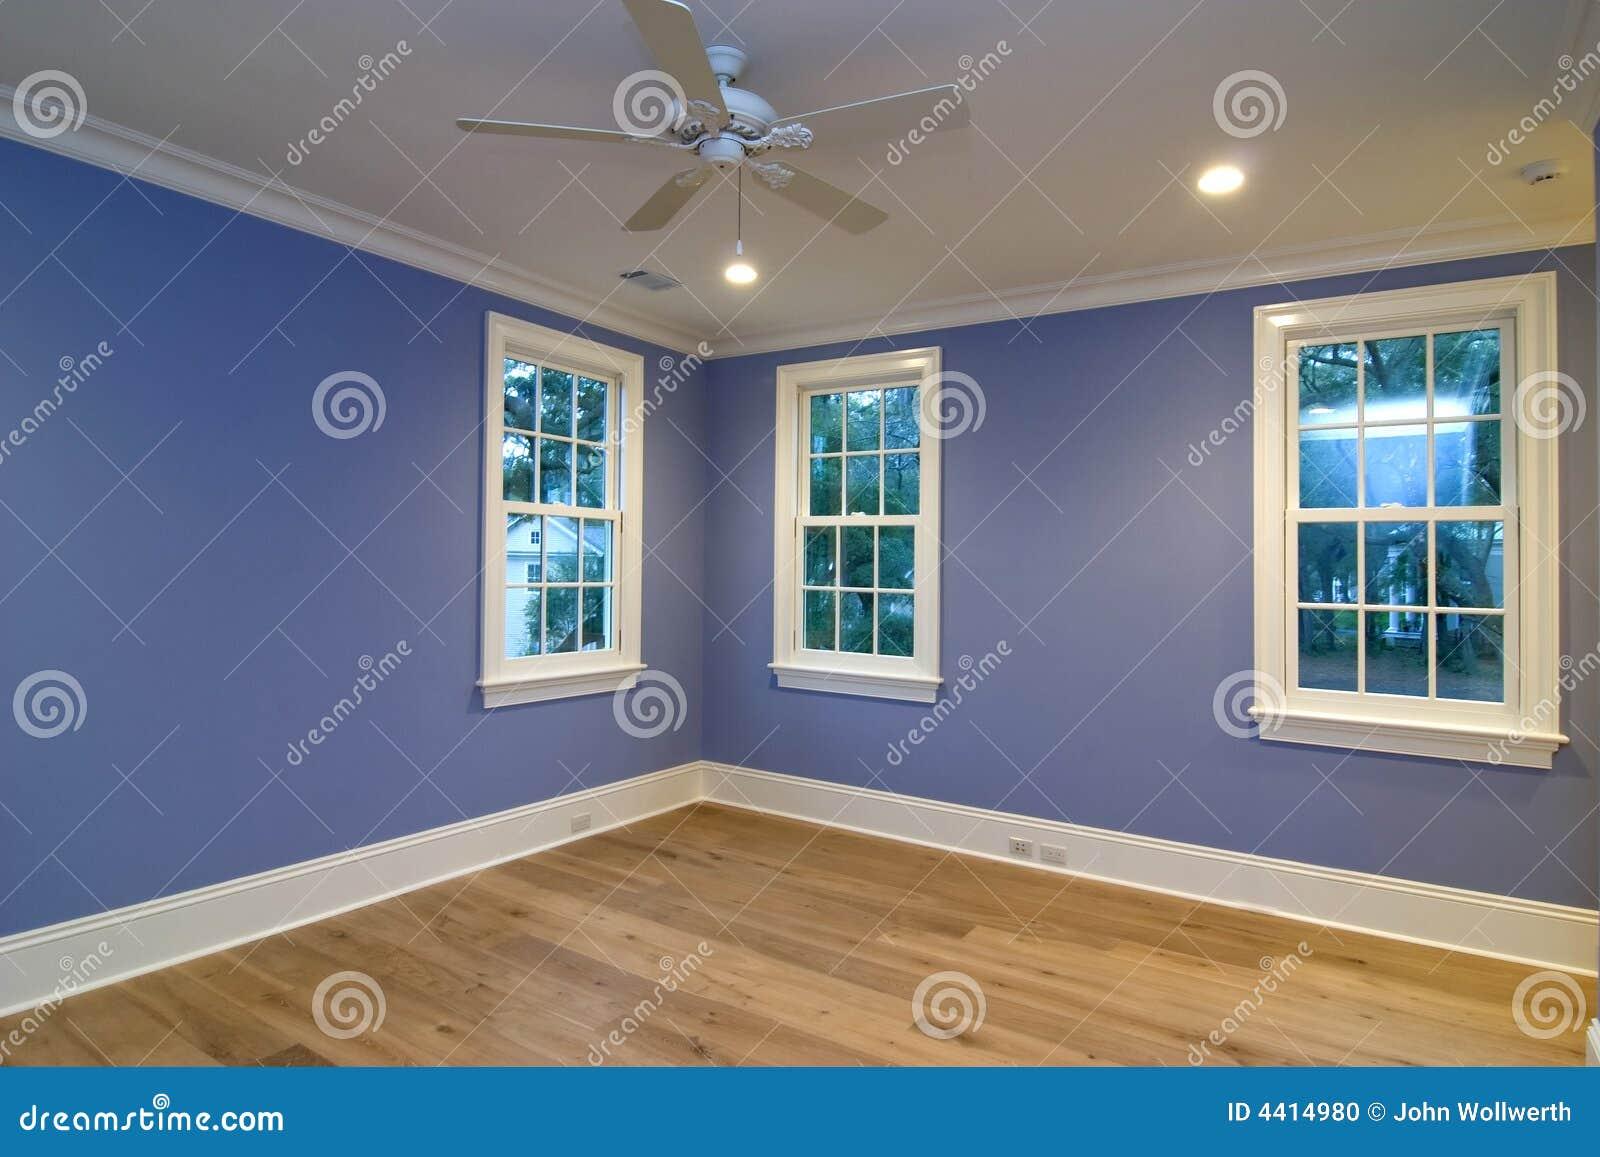 Empty Blue Bedroom Stock Photo Image Of Indoor Construction 4414980